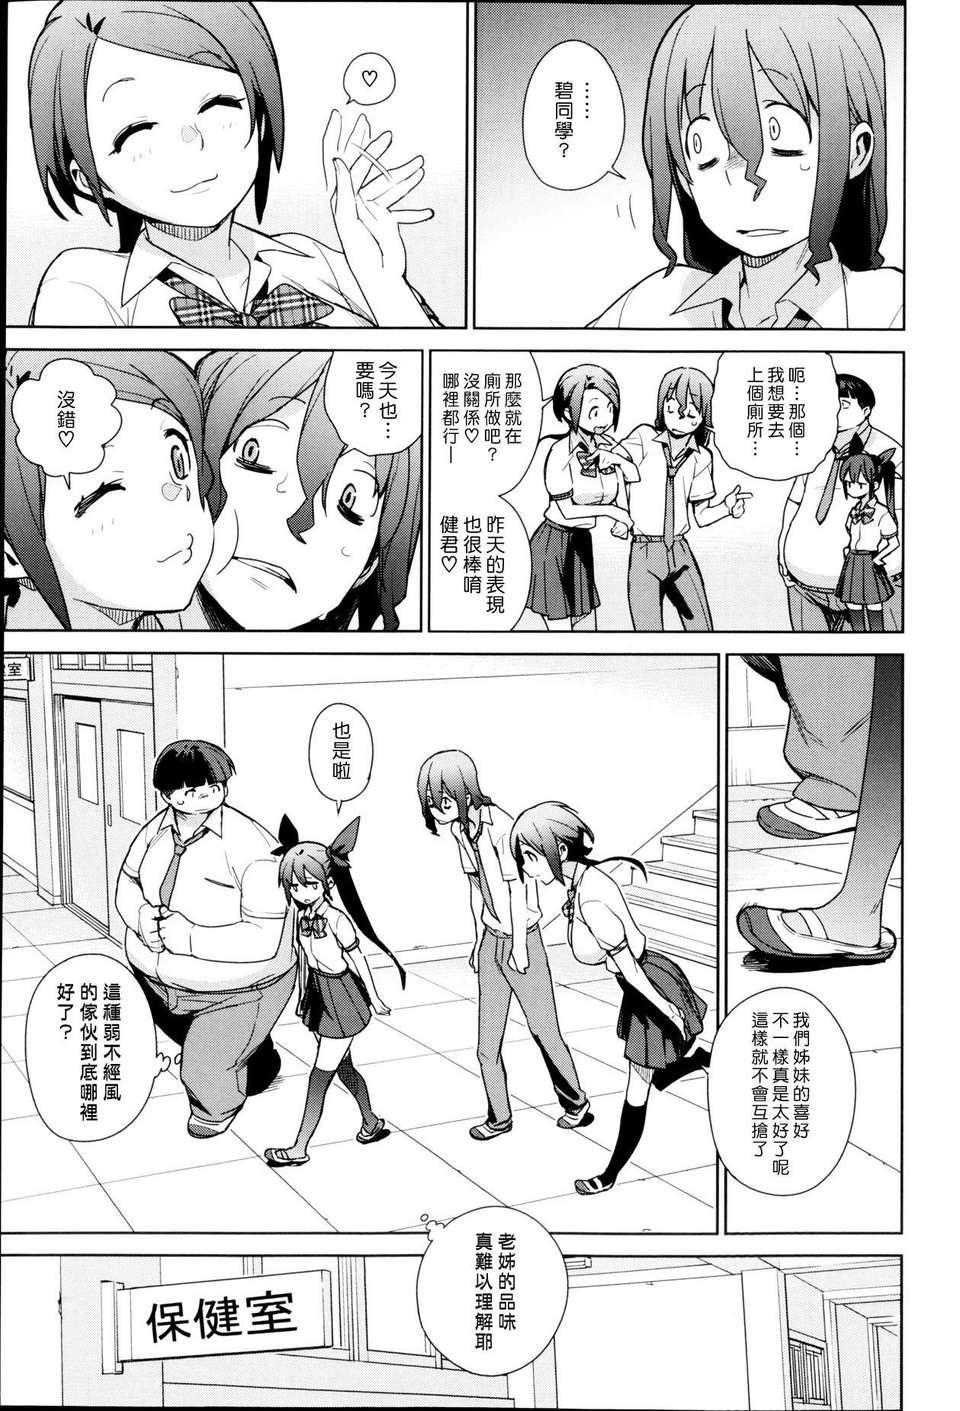 片桐姉妹 4